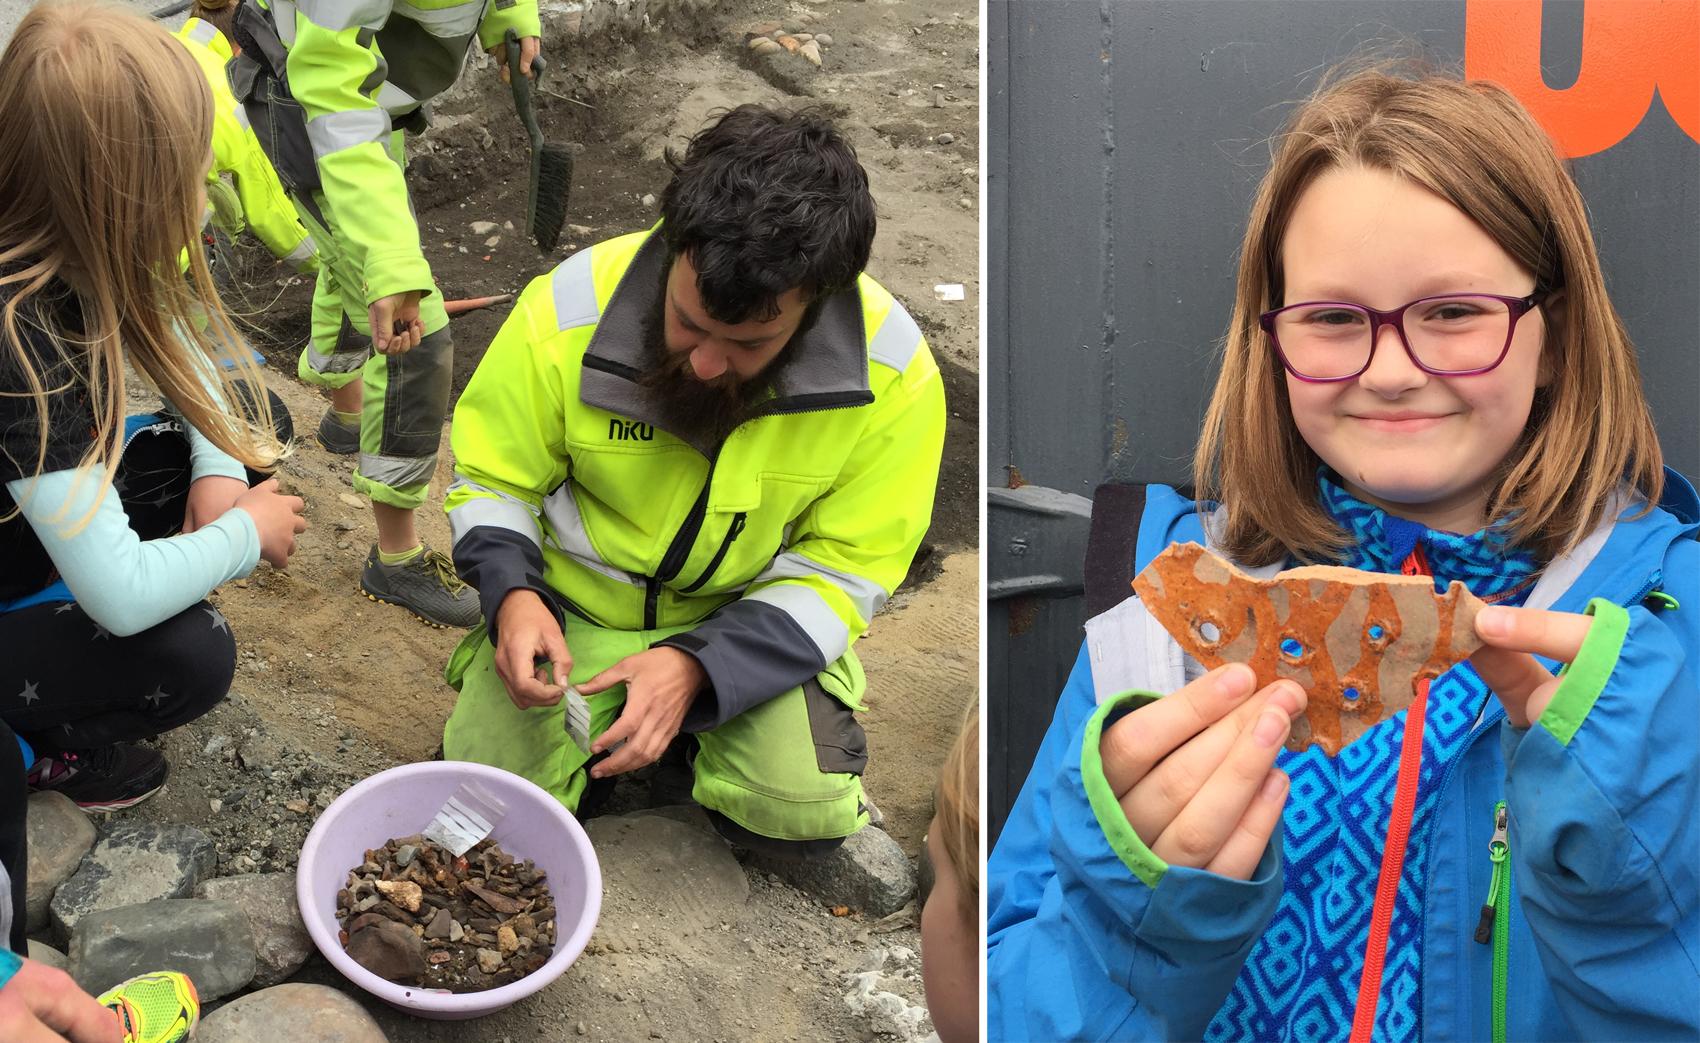 Julian Cadamarteri viser frem alt det spennende de har funnet så langt i utgravningen på Torvet. Piper, mynter og do. Spennende saker. Foto: Lise Mariann Alsli, NTNU Vitenskapsmuseet